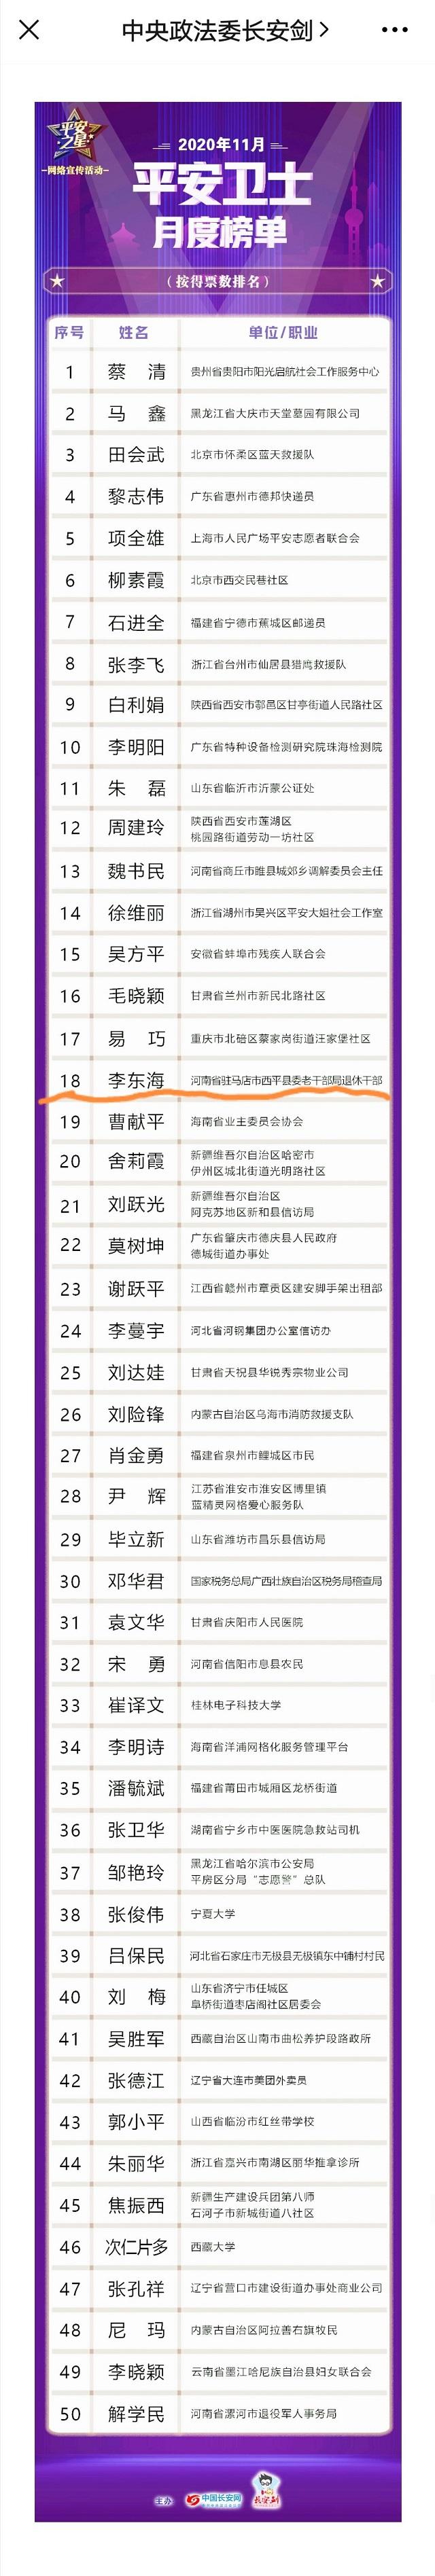 """喜讯!西平县复兴博物馆李东海获评全国""""平安卫士"""""""